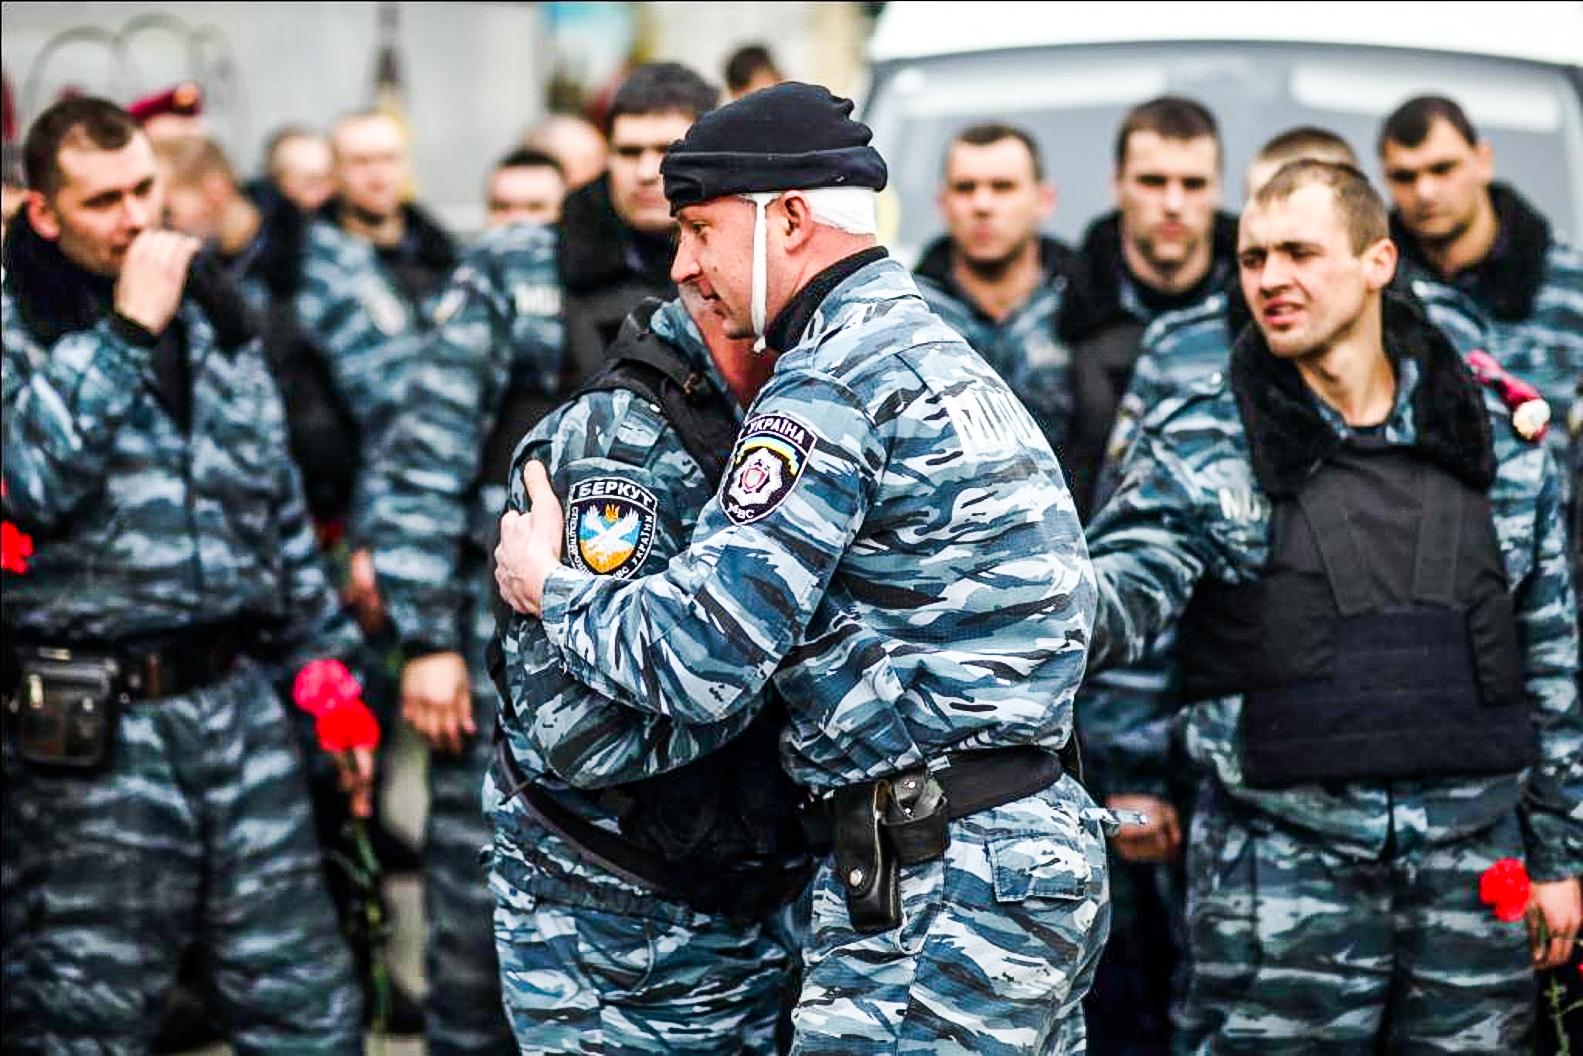 ВКиеве бойцы крымского «Беркута» сполна ощутили насебе, чтотакое «европейские ценности»